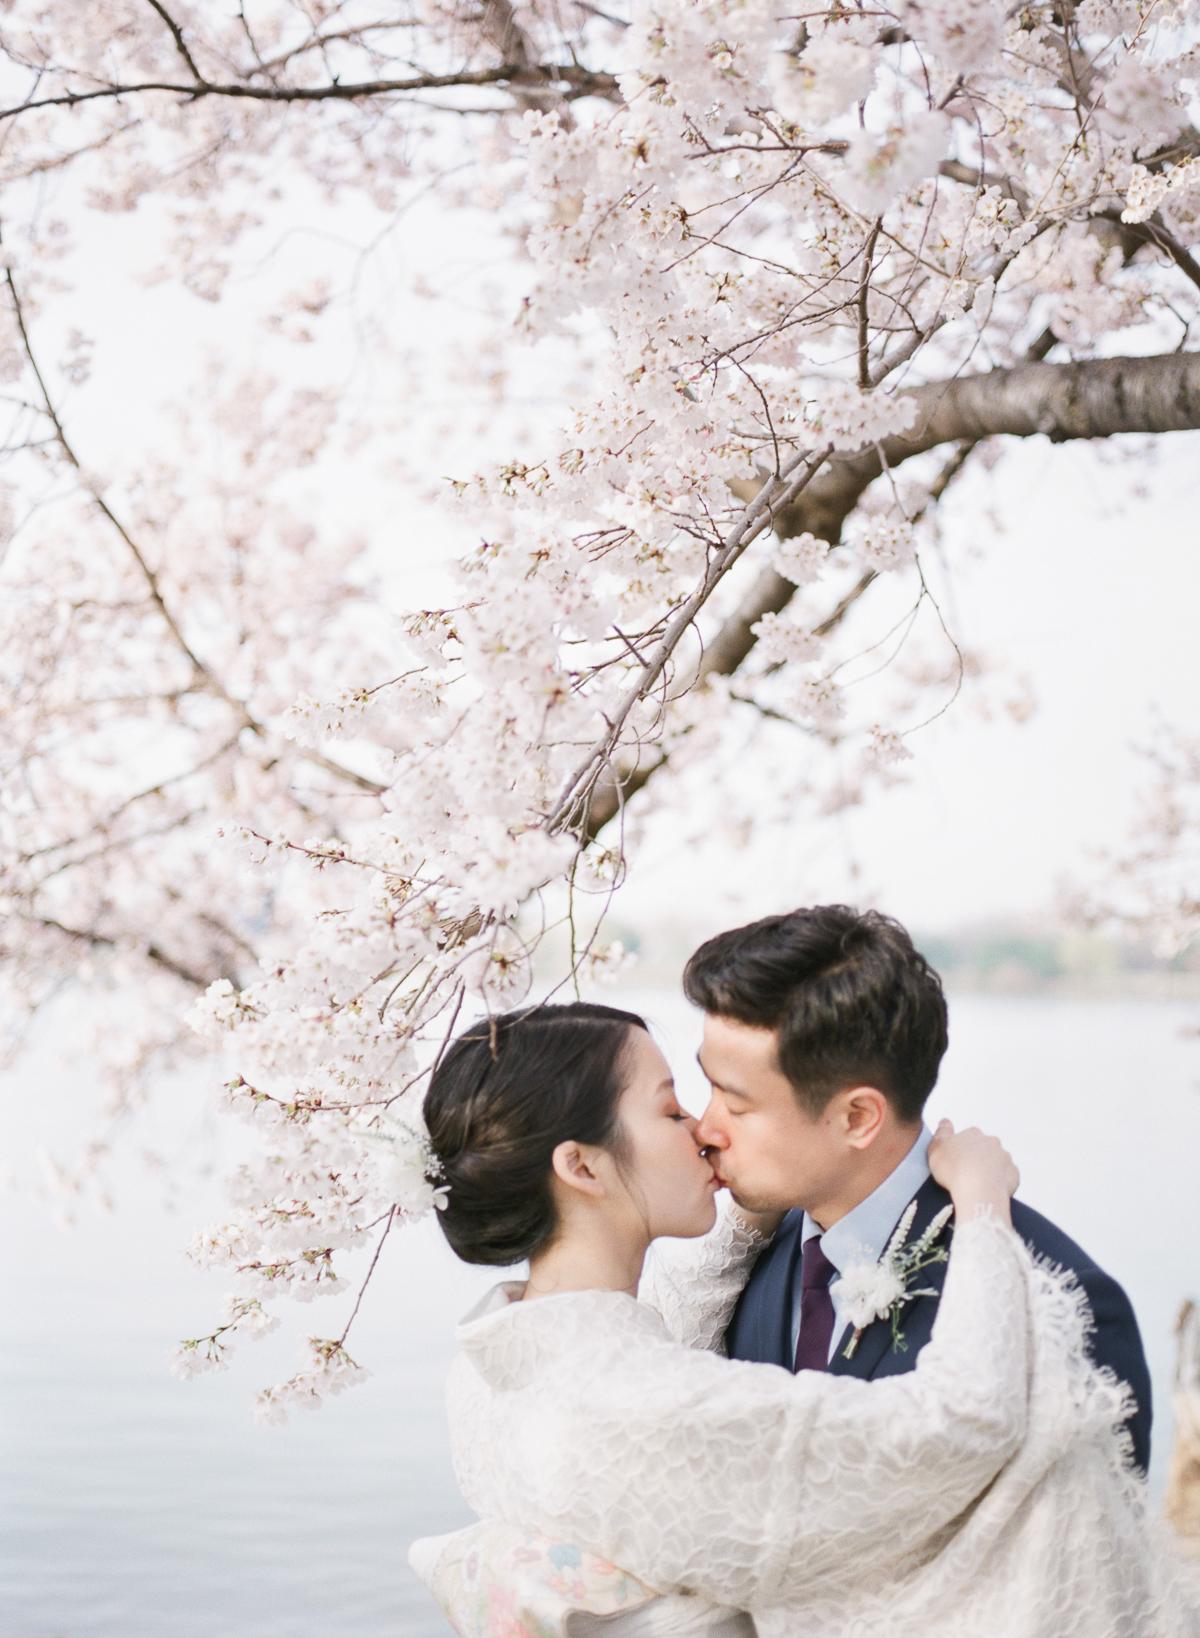 DC-Engagement-Cherry-Blossom-Tidal-Basin-3.jpg